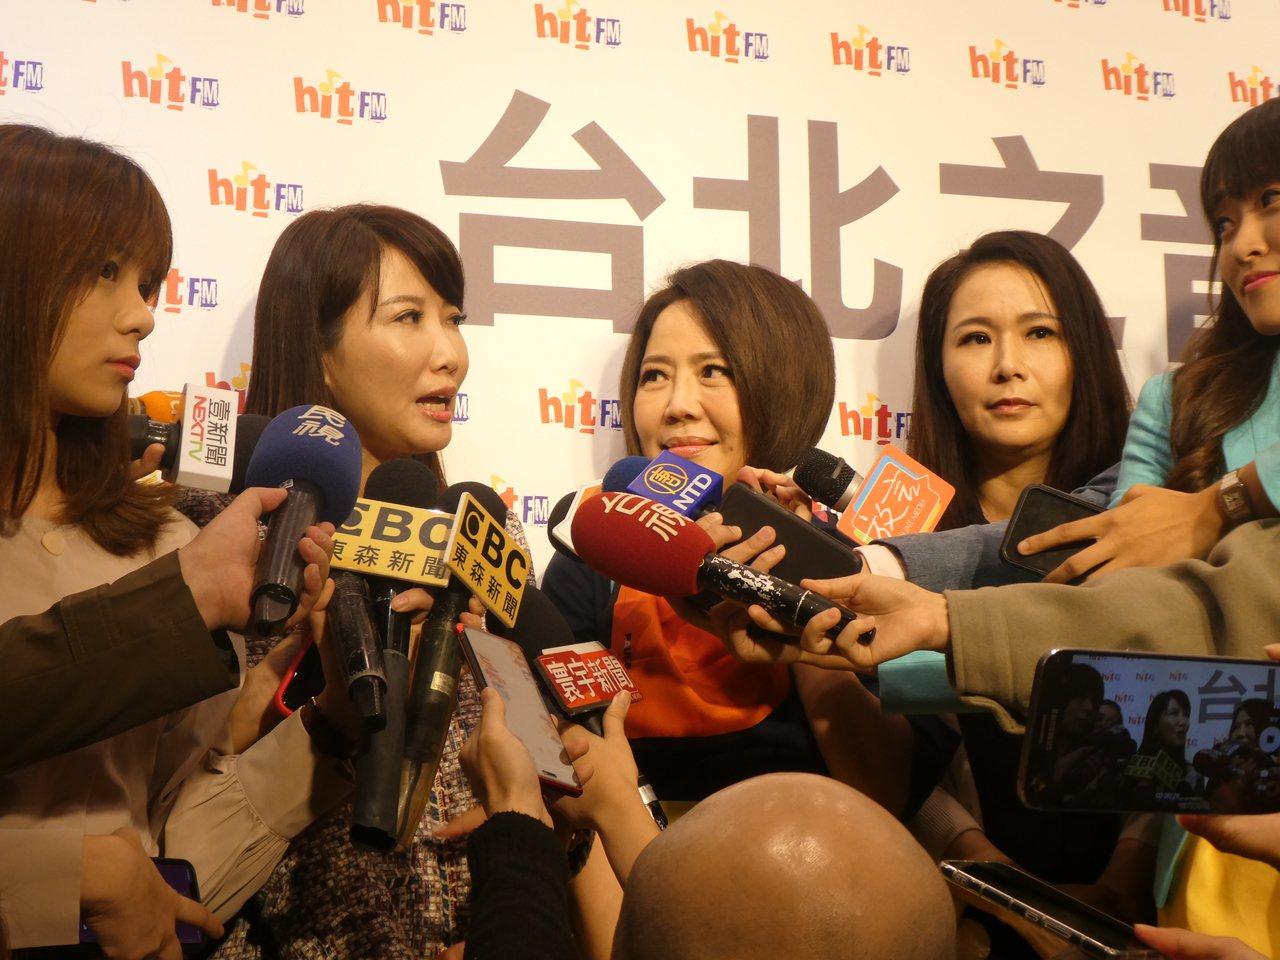 鴻海創辦人郭台銘與台灣民眾黨、親民黨合作,要力拚明年國會席次。但外界解讀,郭仍有...